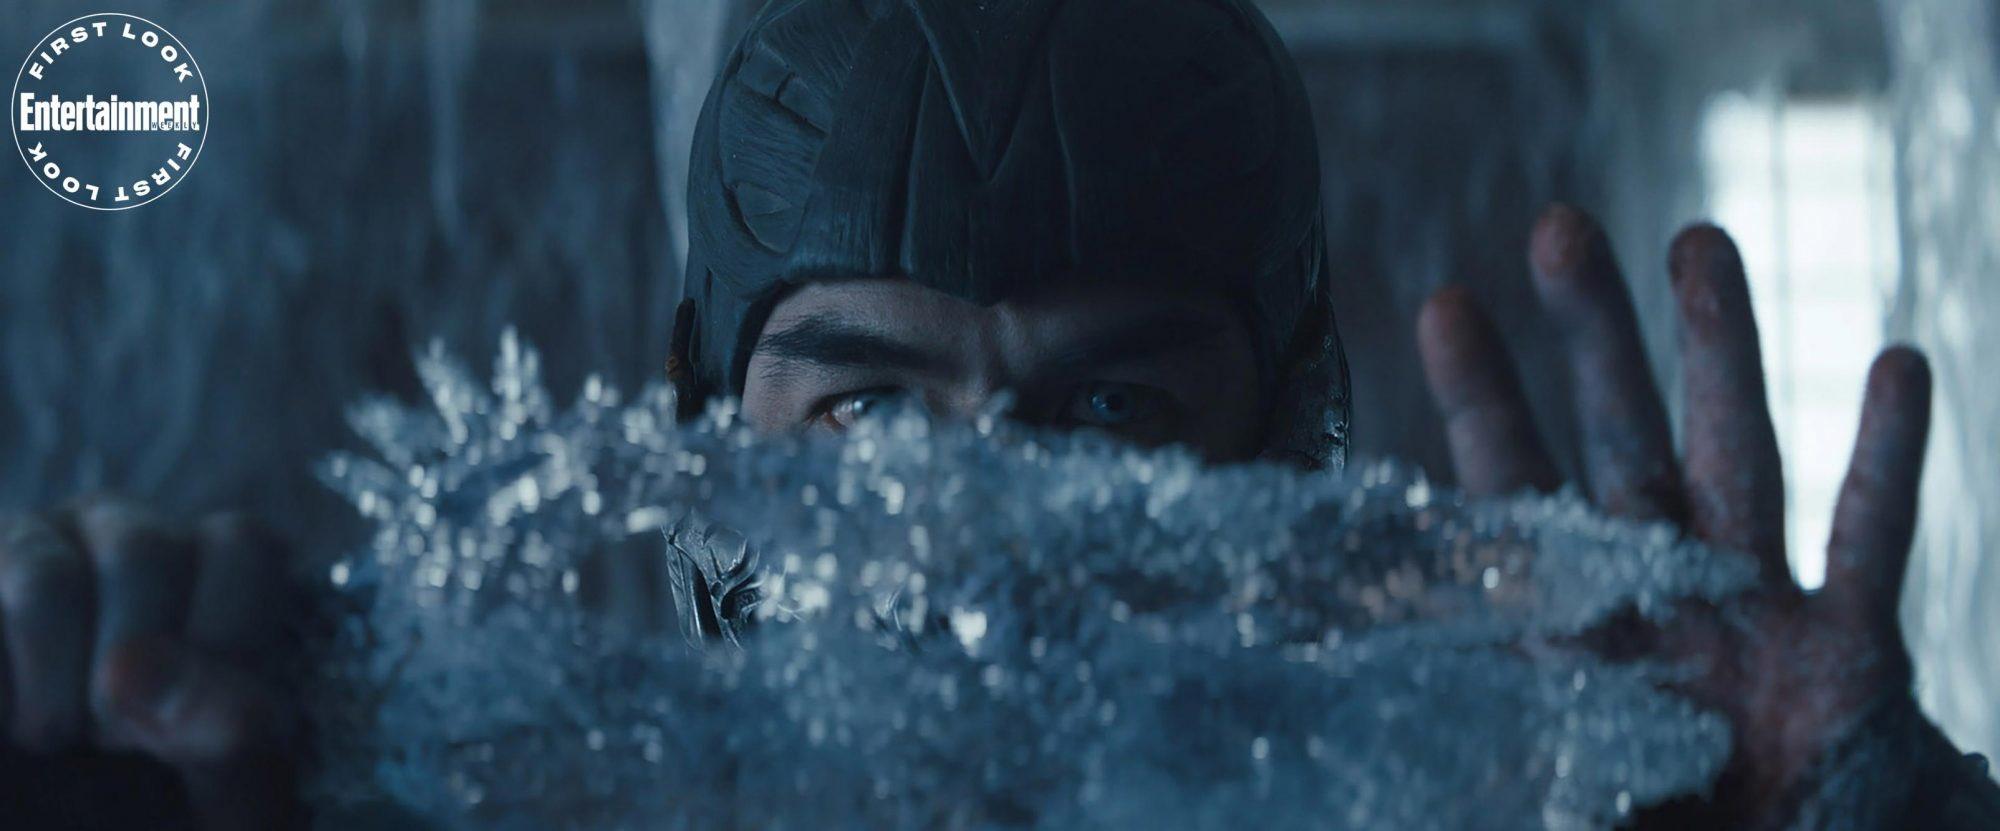 Замечена крутая отсылка на игры в экранизации Mortal Kombat